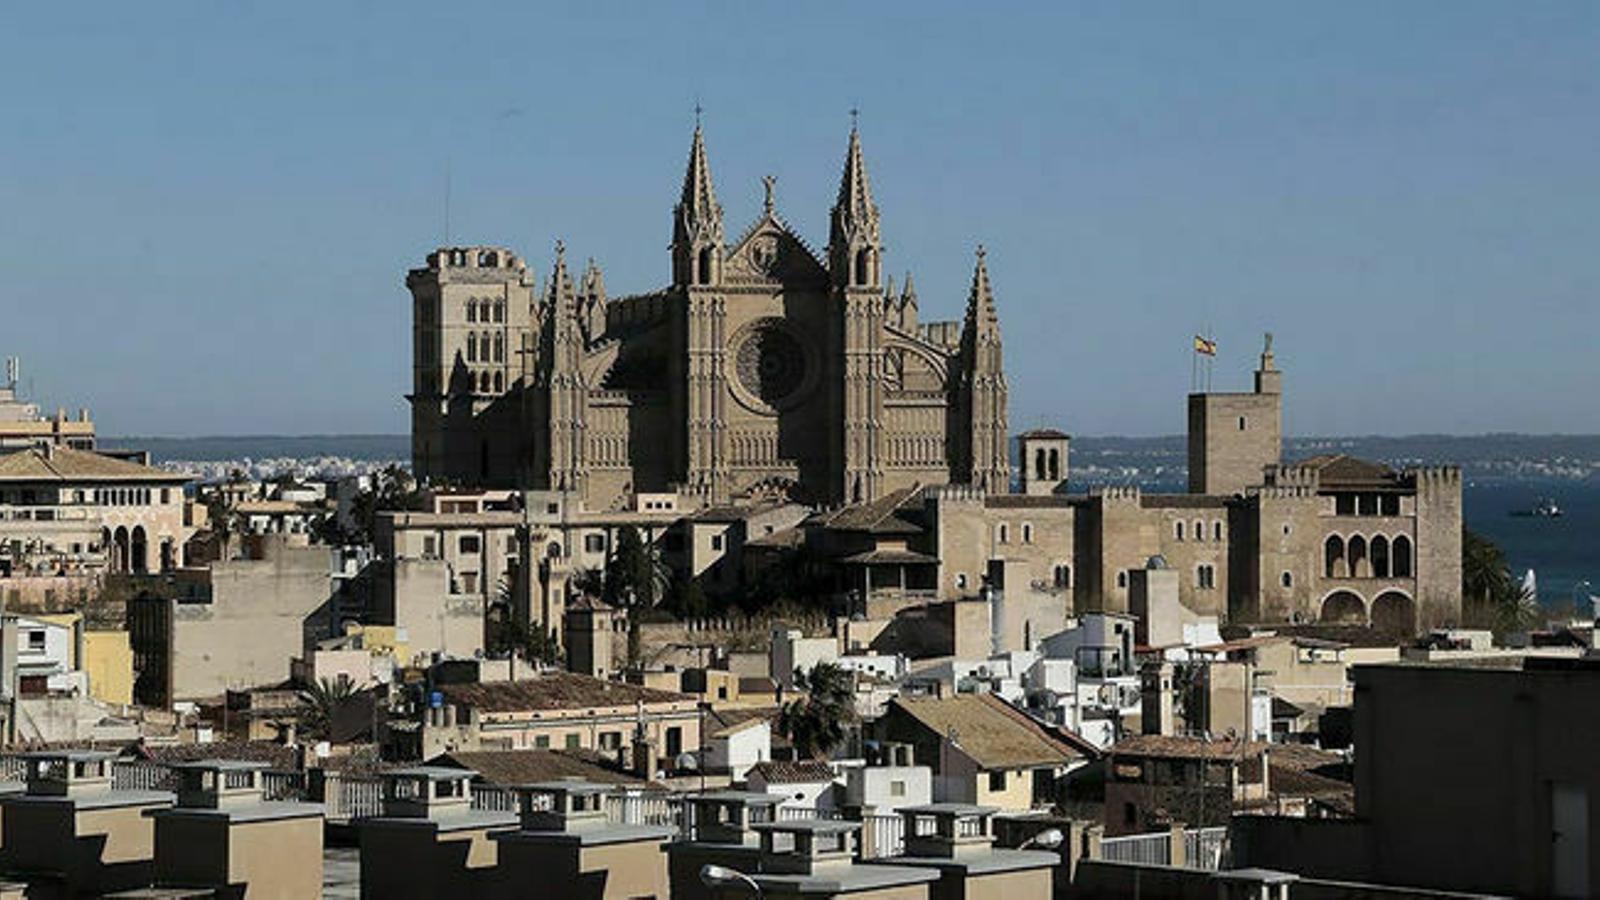 El preu de l'habitatge a Balears va pujar un 6,2% abans de la crisi sanitària